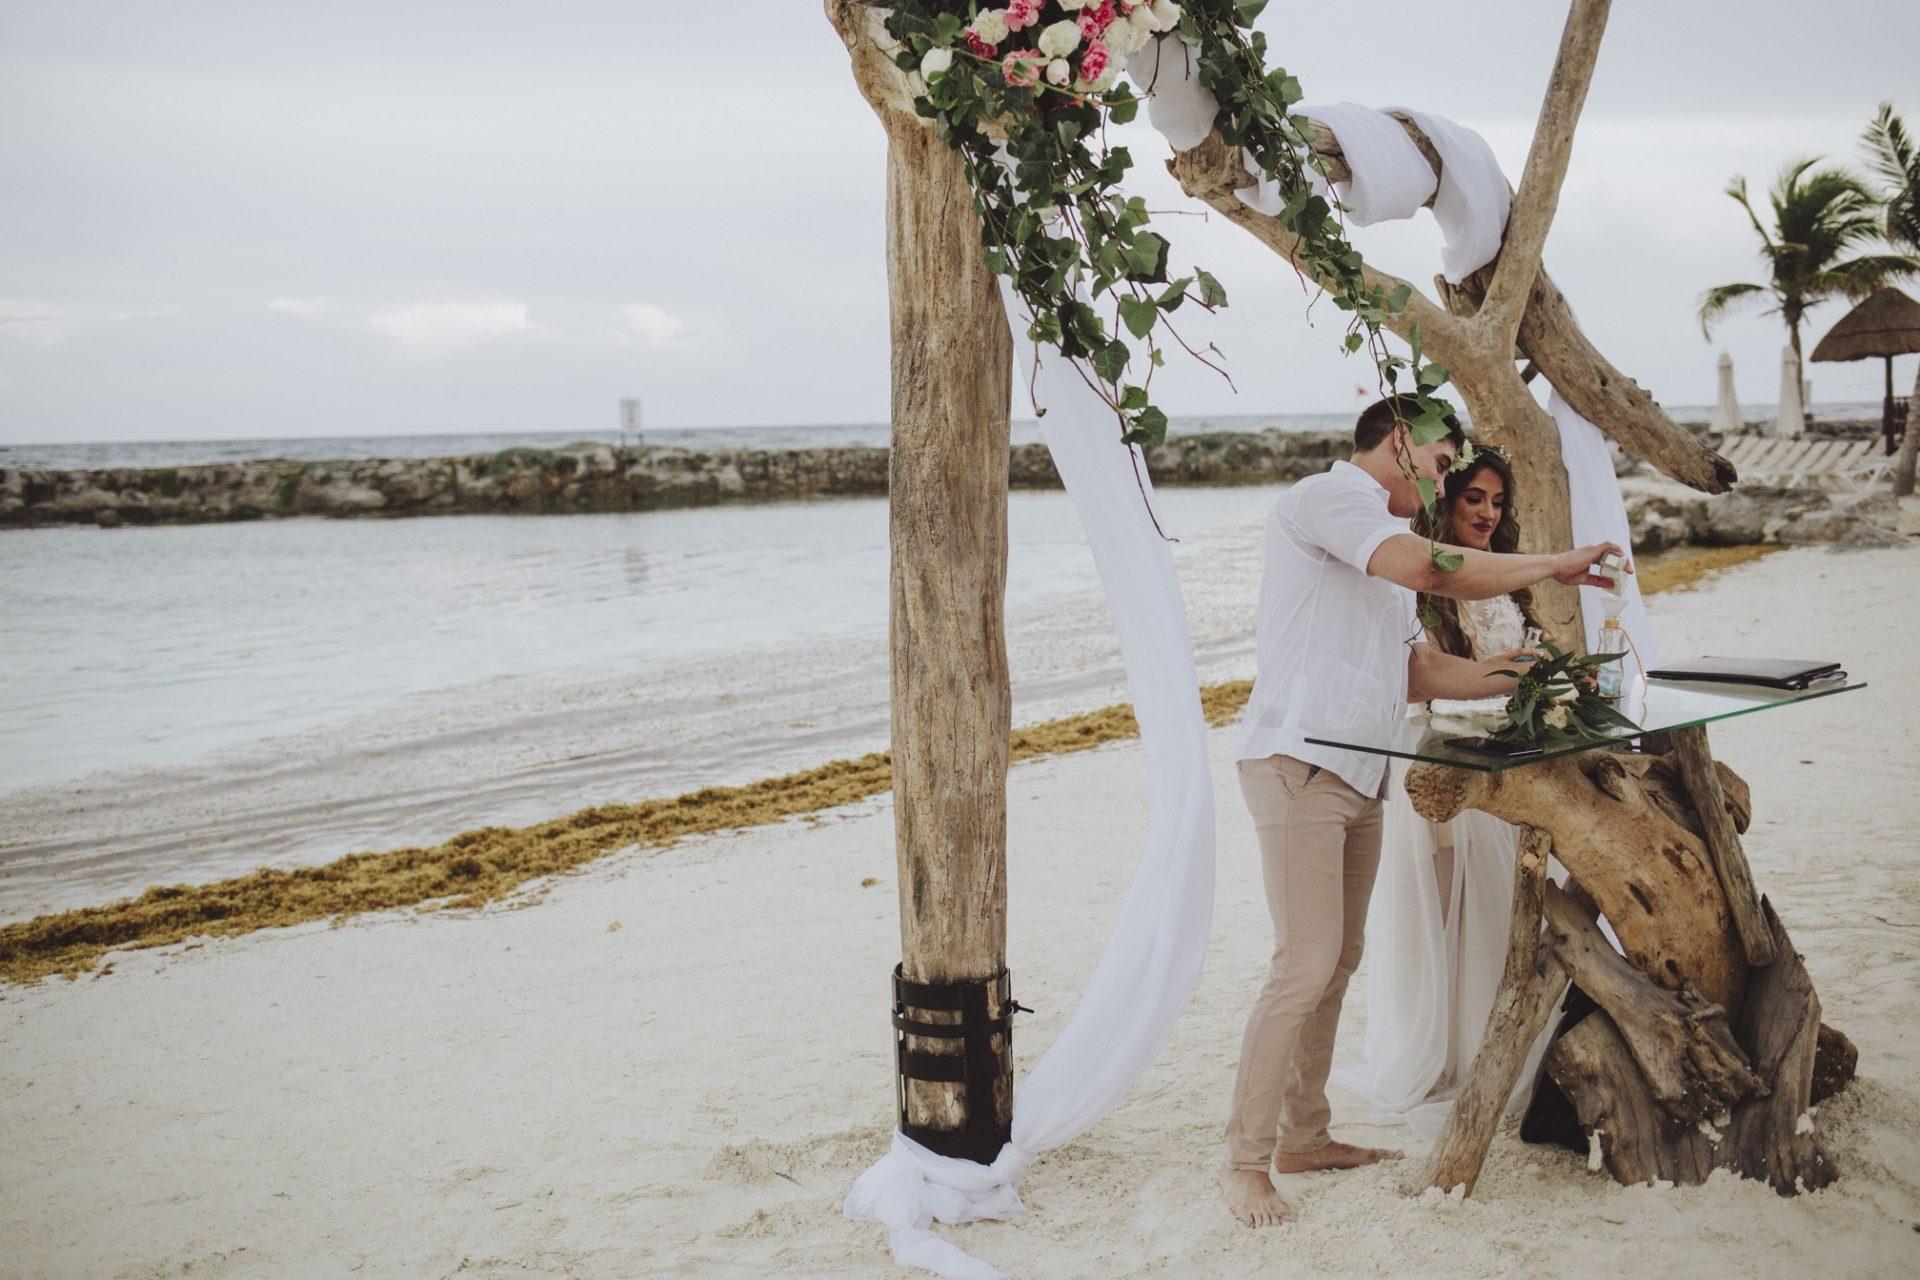 fotografo_bodas_profesional_zacatecas_riviera_maya_cancun-64